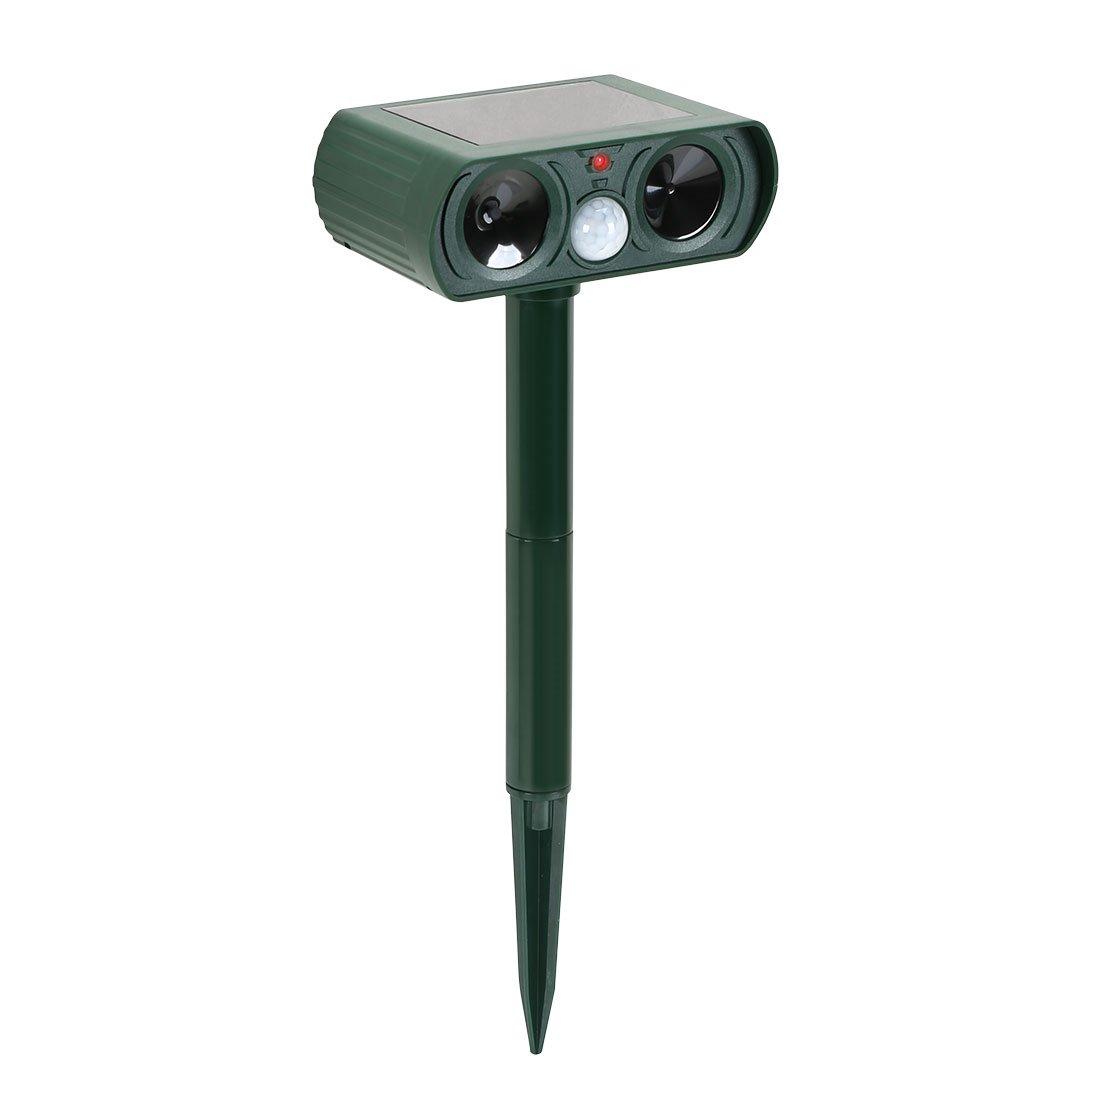 AHHC Ahuyentador de Animales Ultrasonico (Pájaros, Perros, Gatos, Ciervos, etc.) Impermeable con Sensor de Movimiento. No Causa Daño ni es Tóxico.